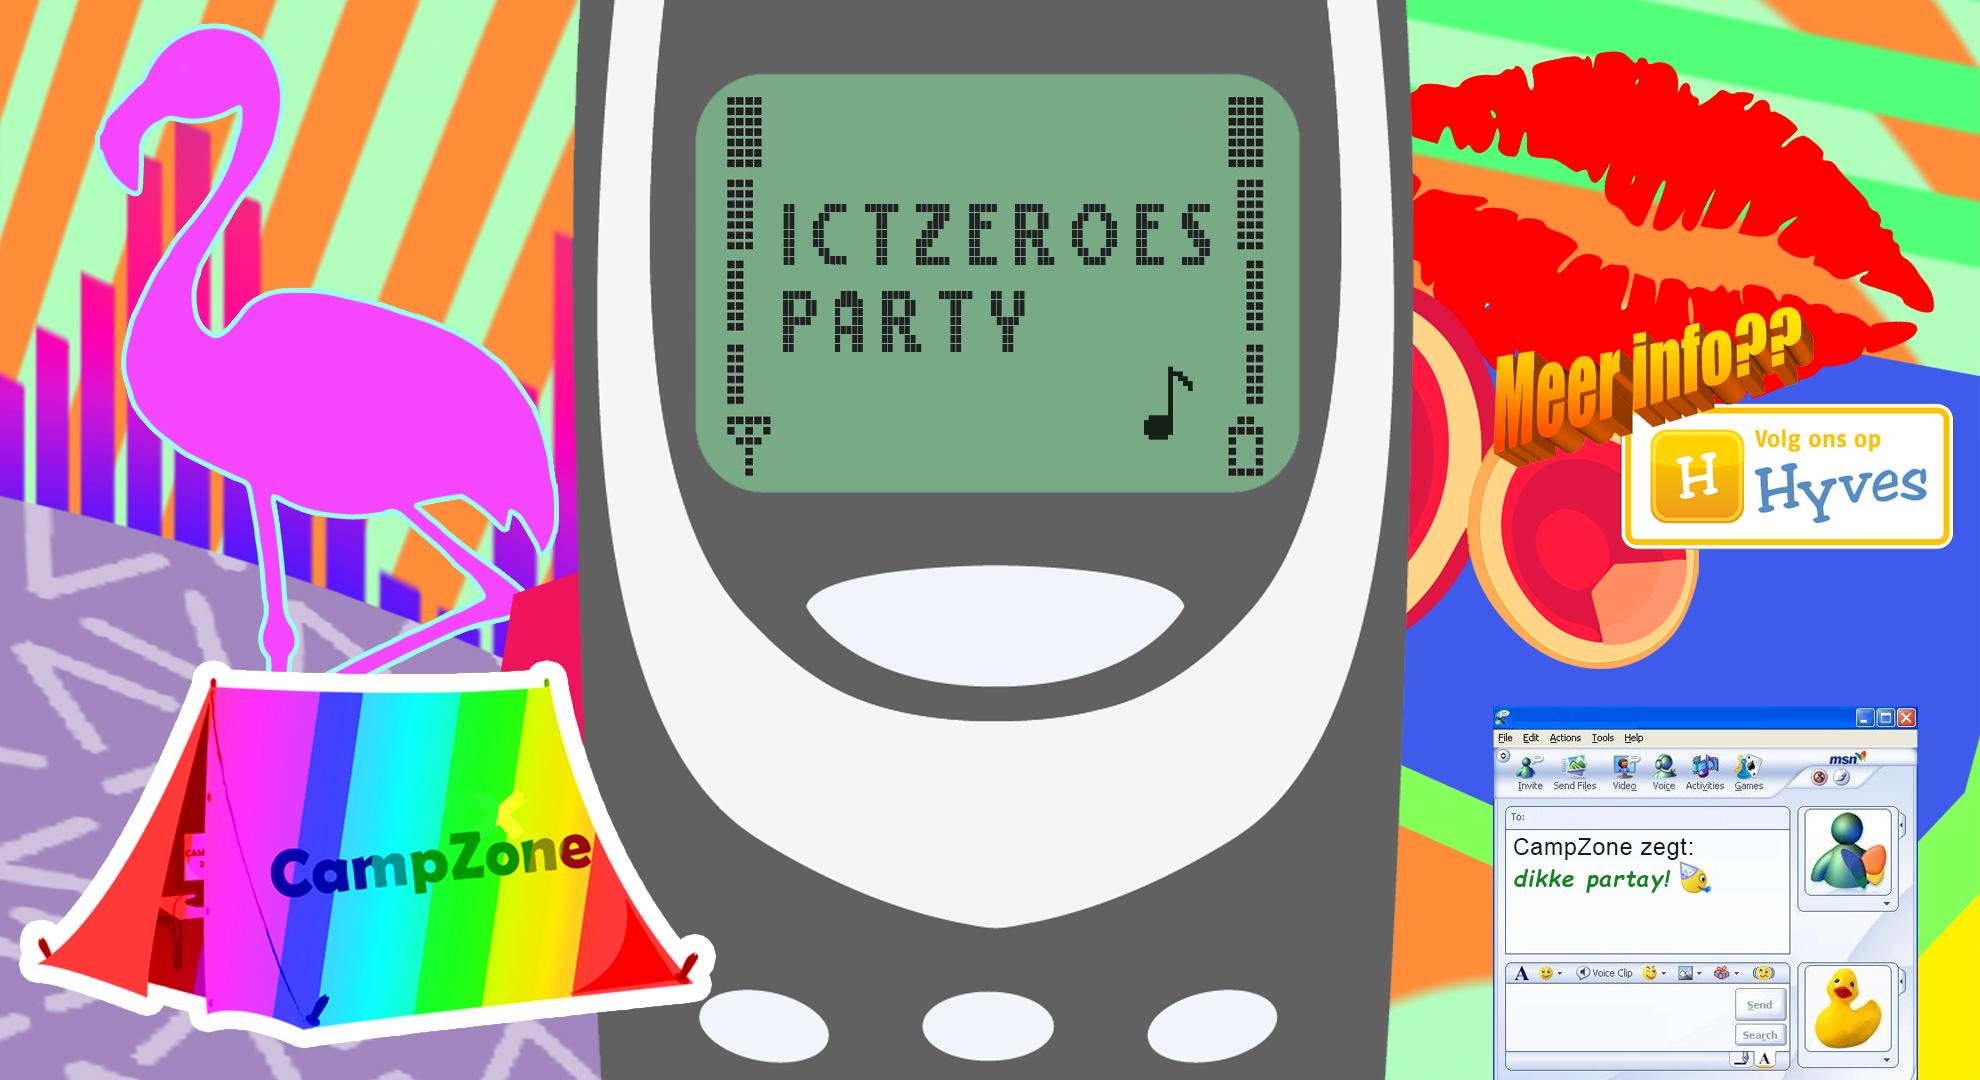 22:00 - ICTZeroes Party